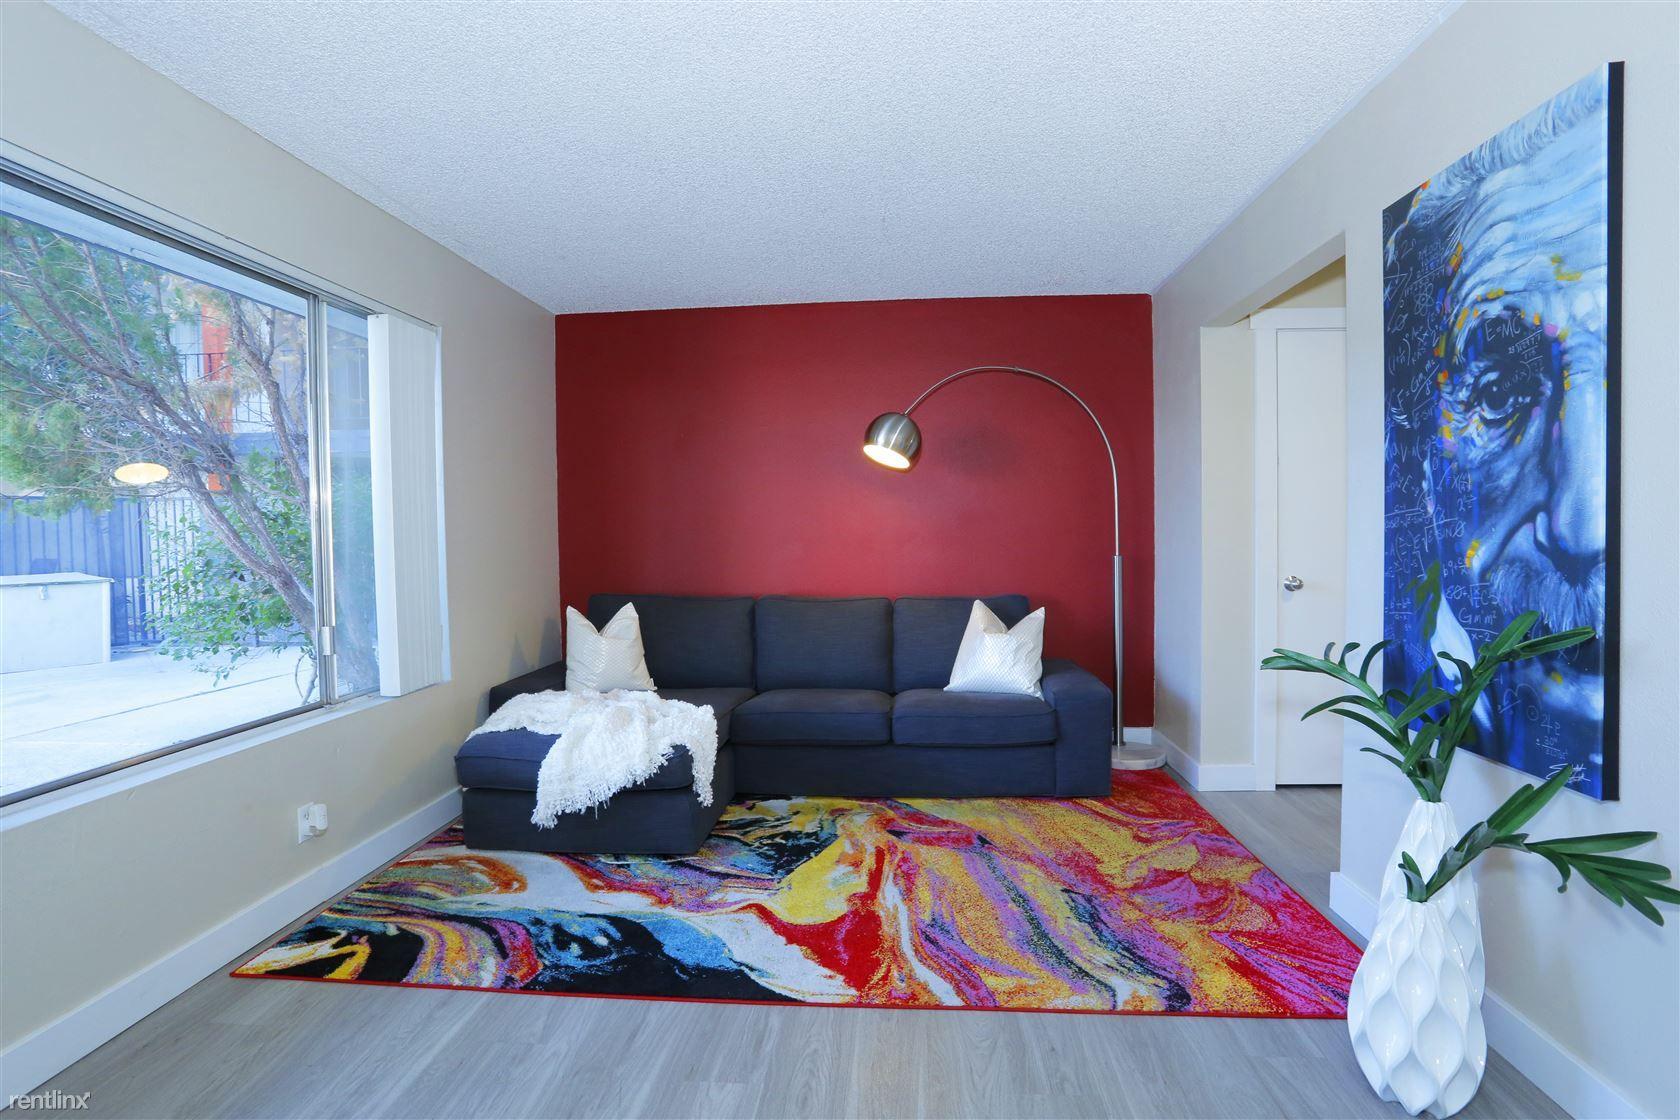 967 E Flamingo Rd Apt 6 rental